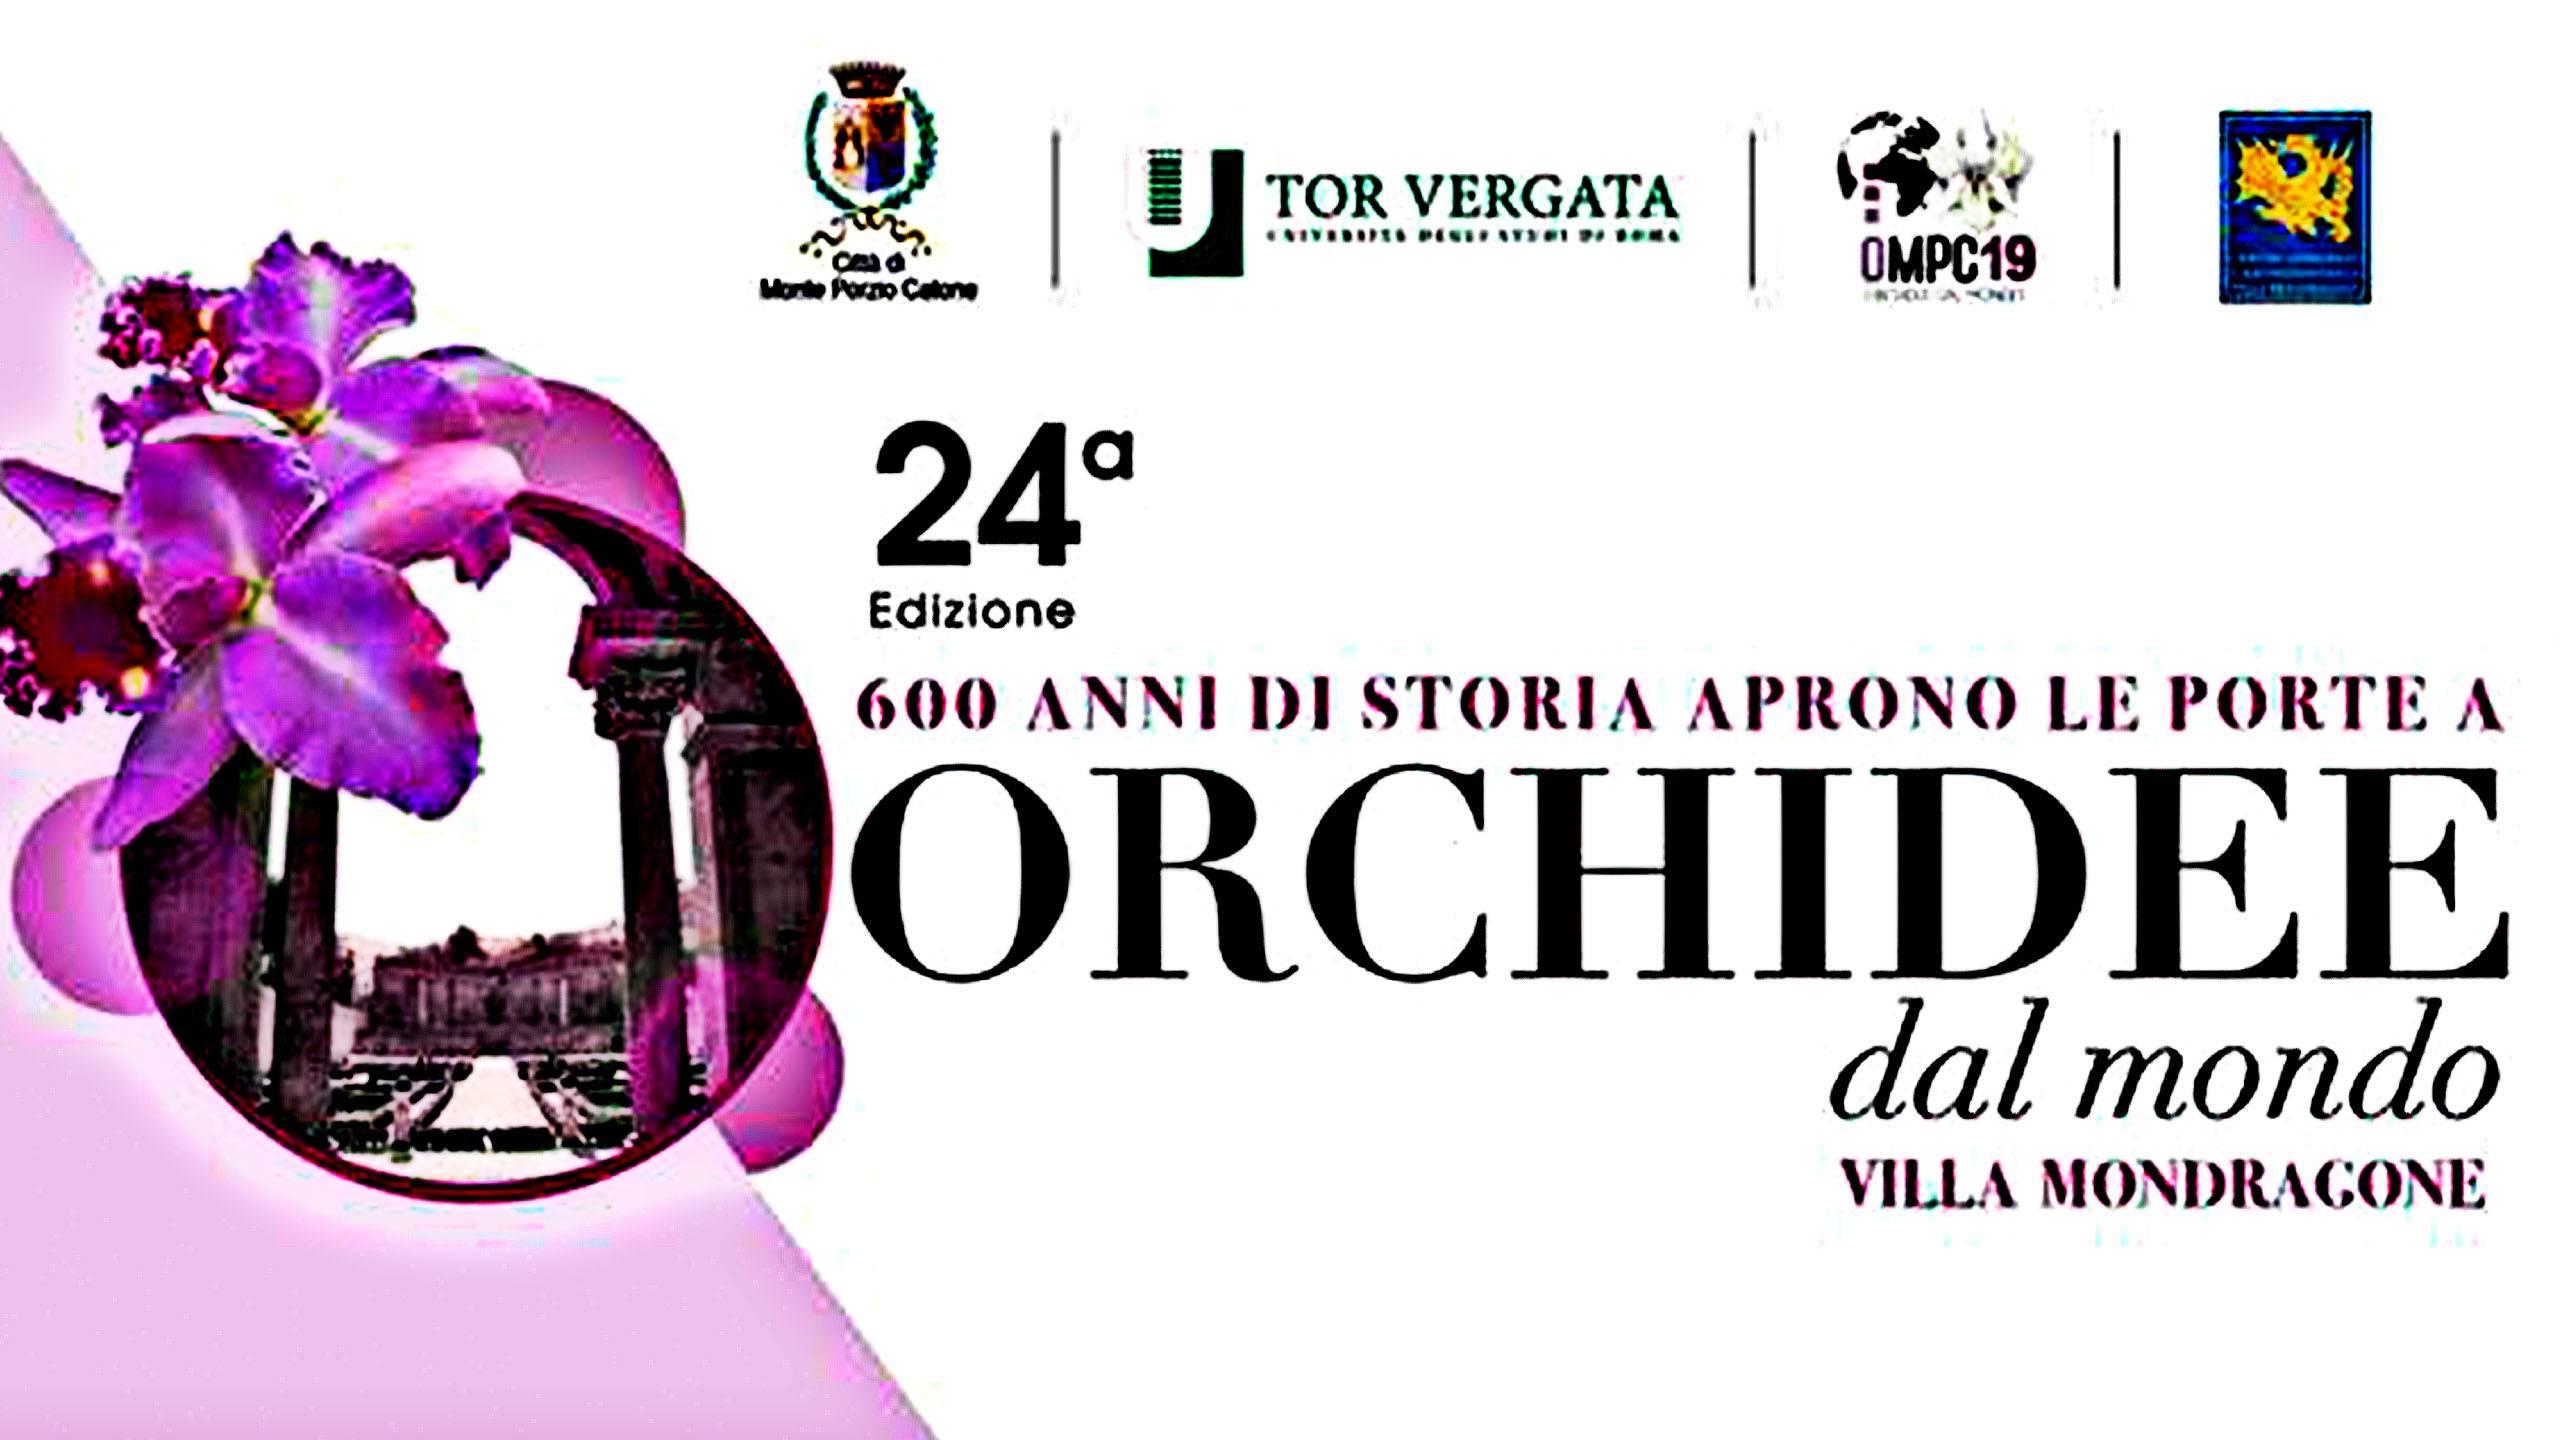 2560/1-orchidee-dal-mondo-monte-porzio-catone.jpg